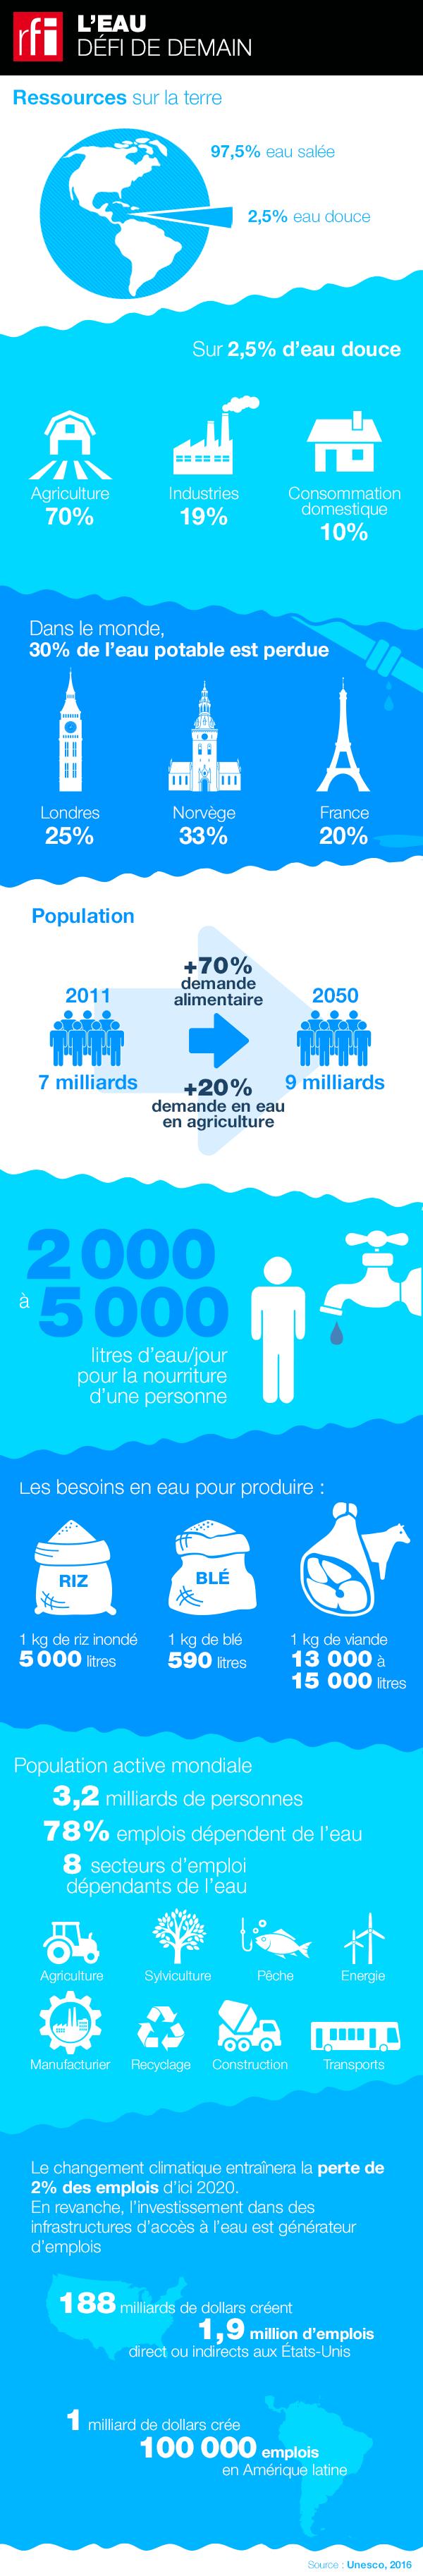 L'eau, le grand défi de demain  En 2030, la pénurie d'eau concernera 40% de la population mondiale